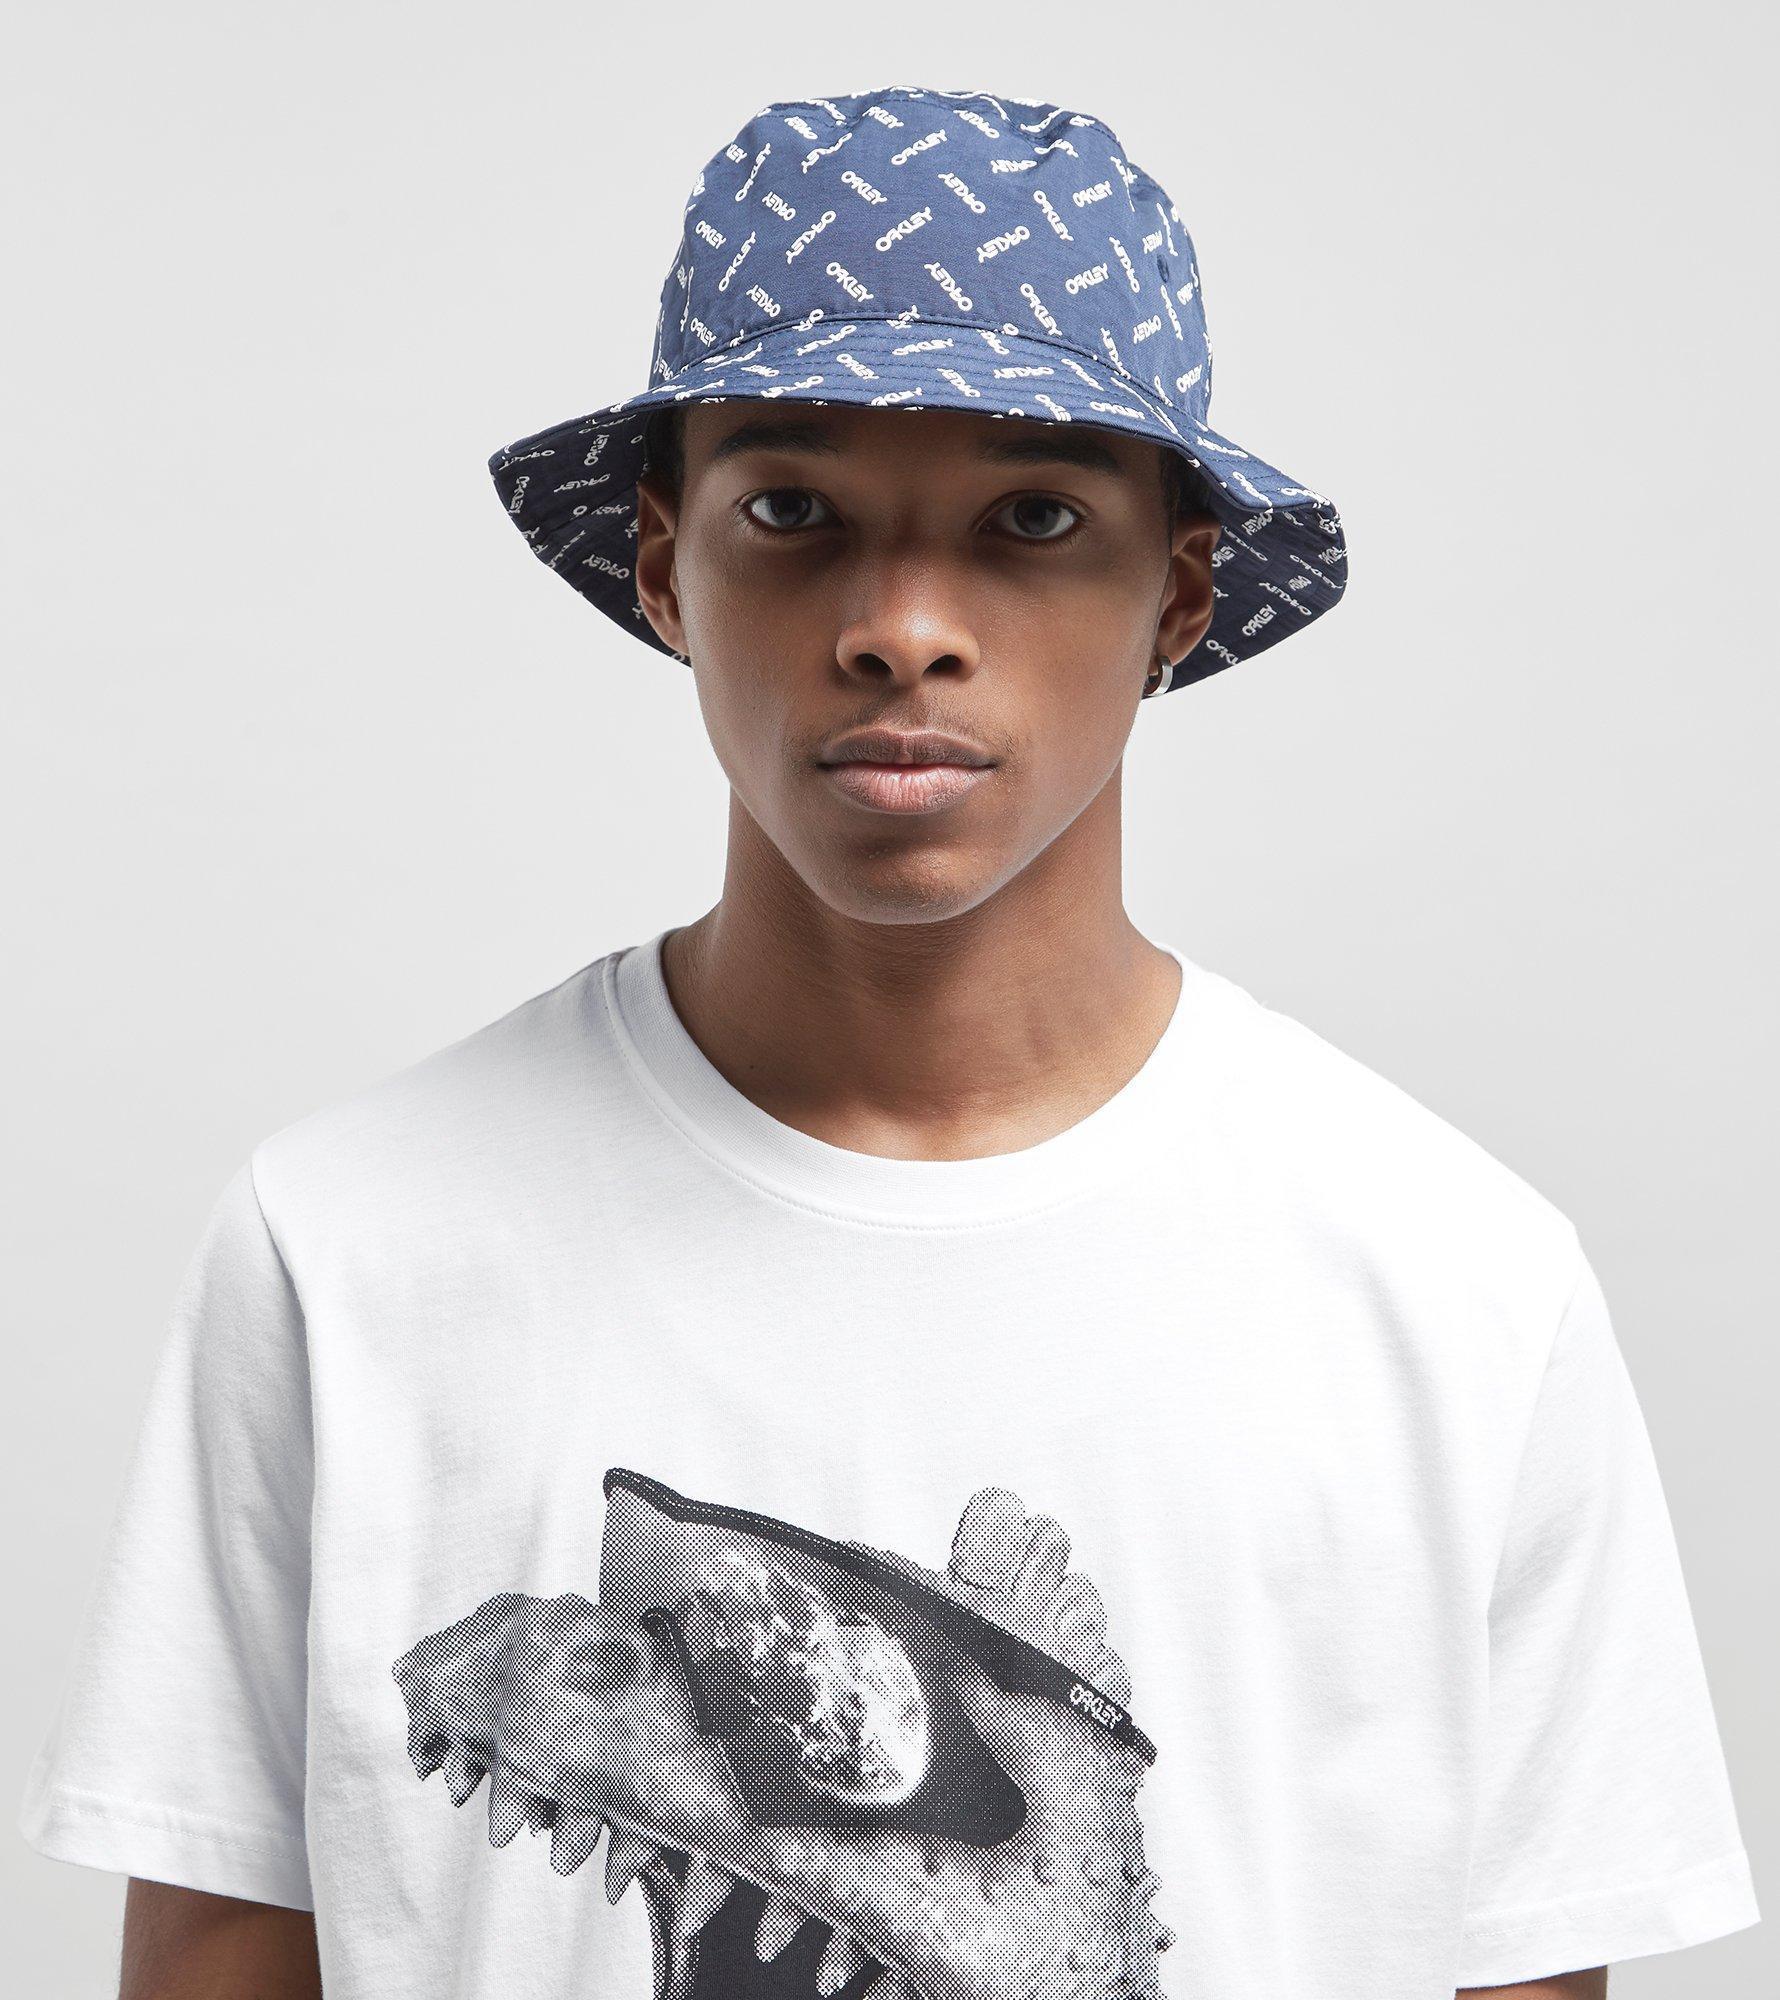 Lyst - Oakley Logo Bucket Hat in Blue for Men f3148b3c64f